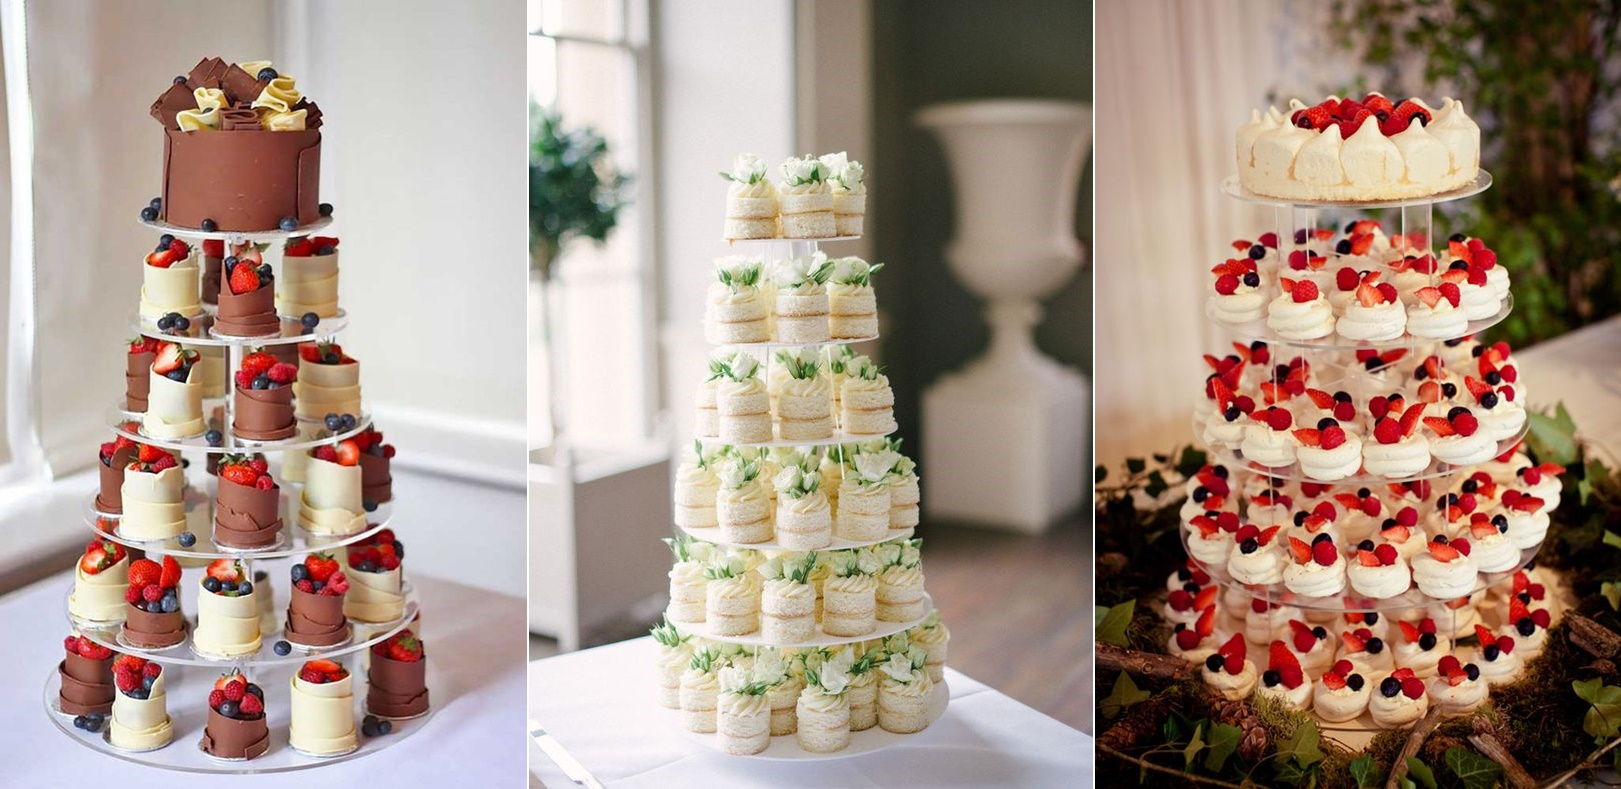 Co zamiast tortu weselnego? - zdjęcie 5